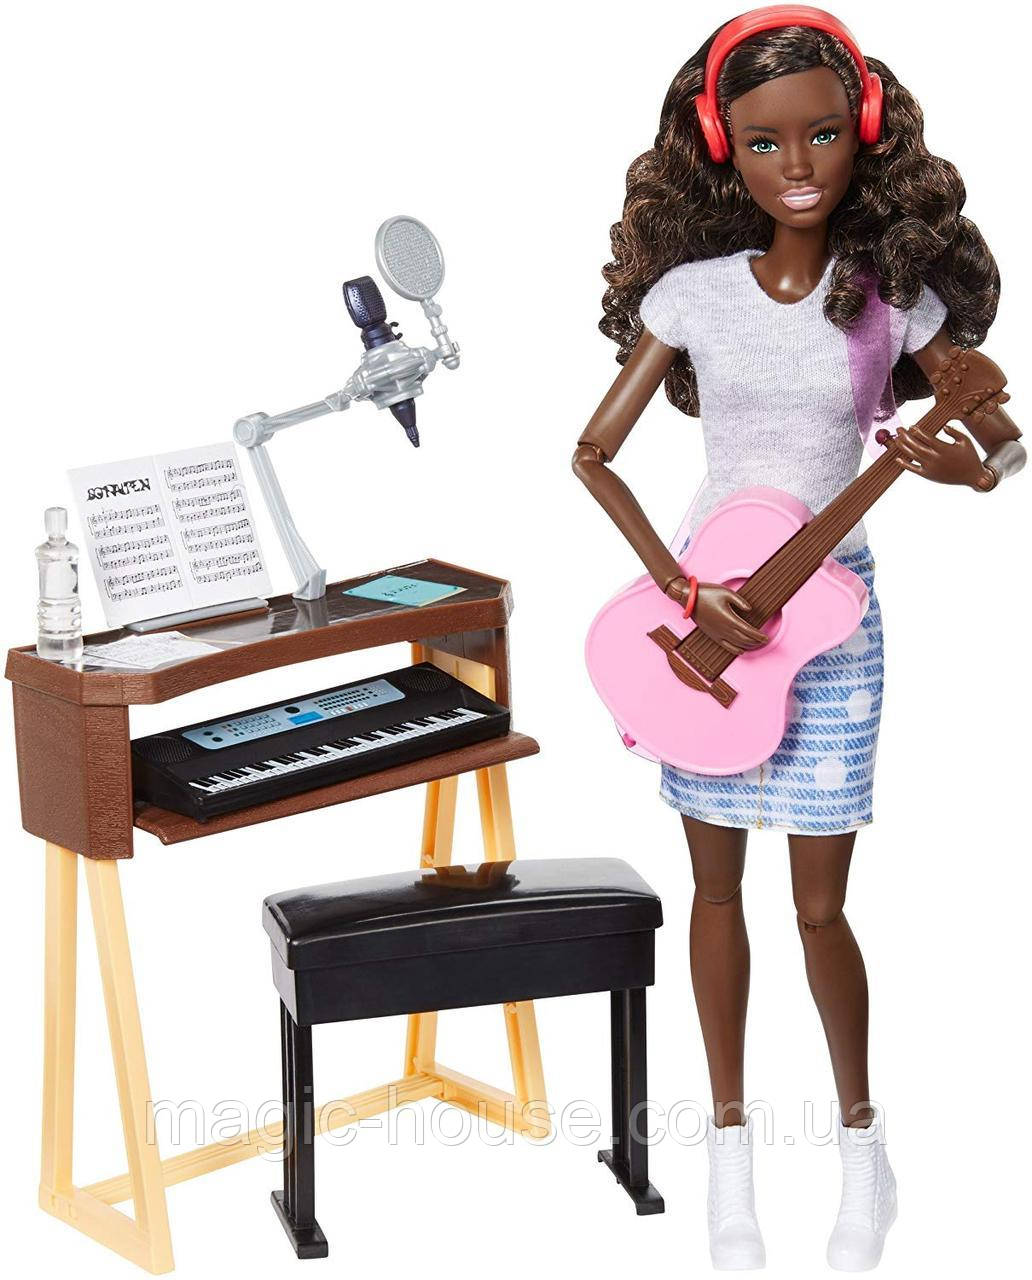 Игровой набор BarbieМузыкантMusician Playset